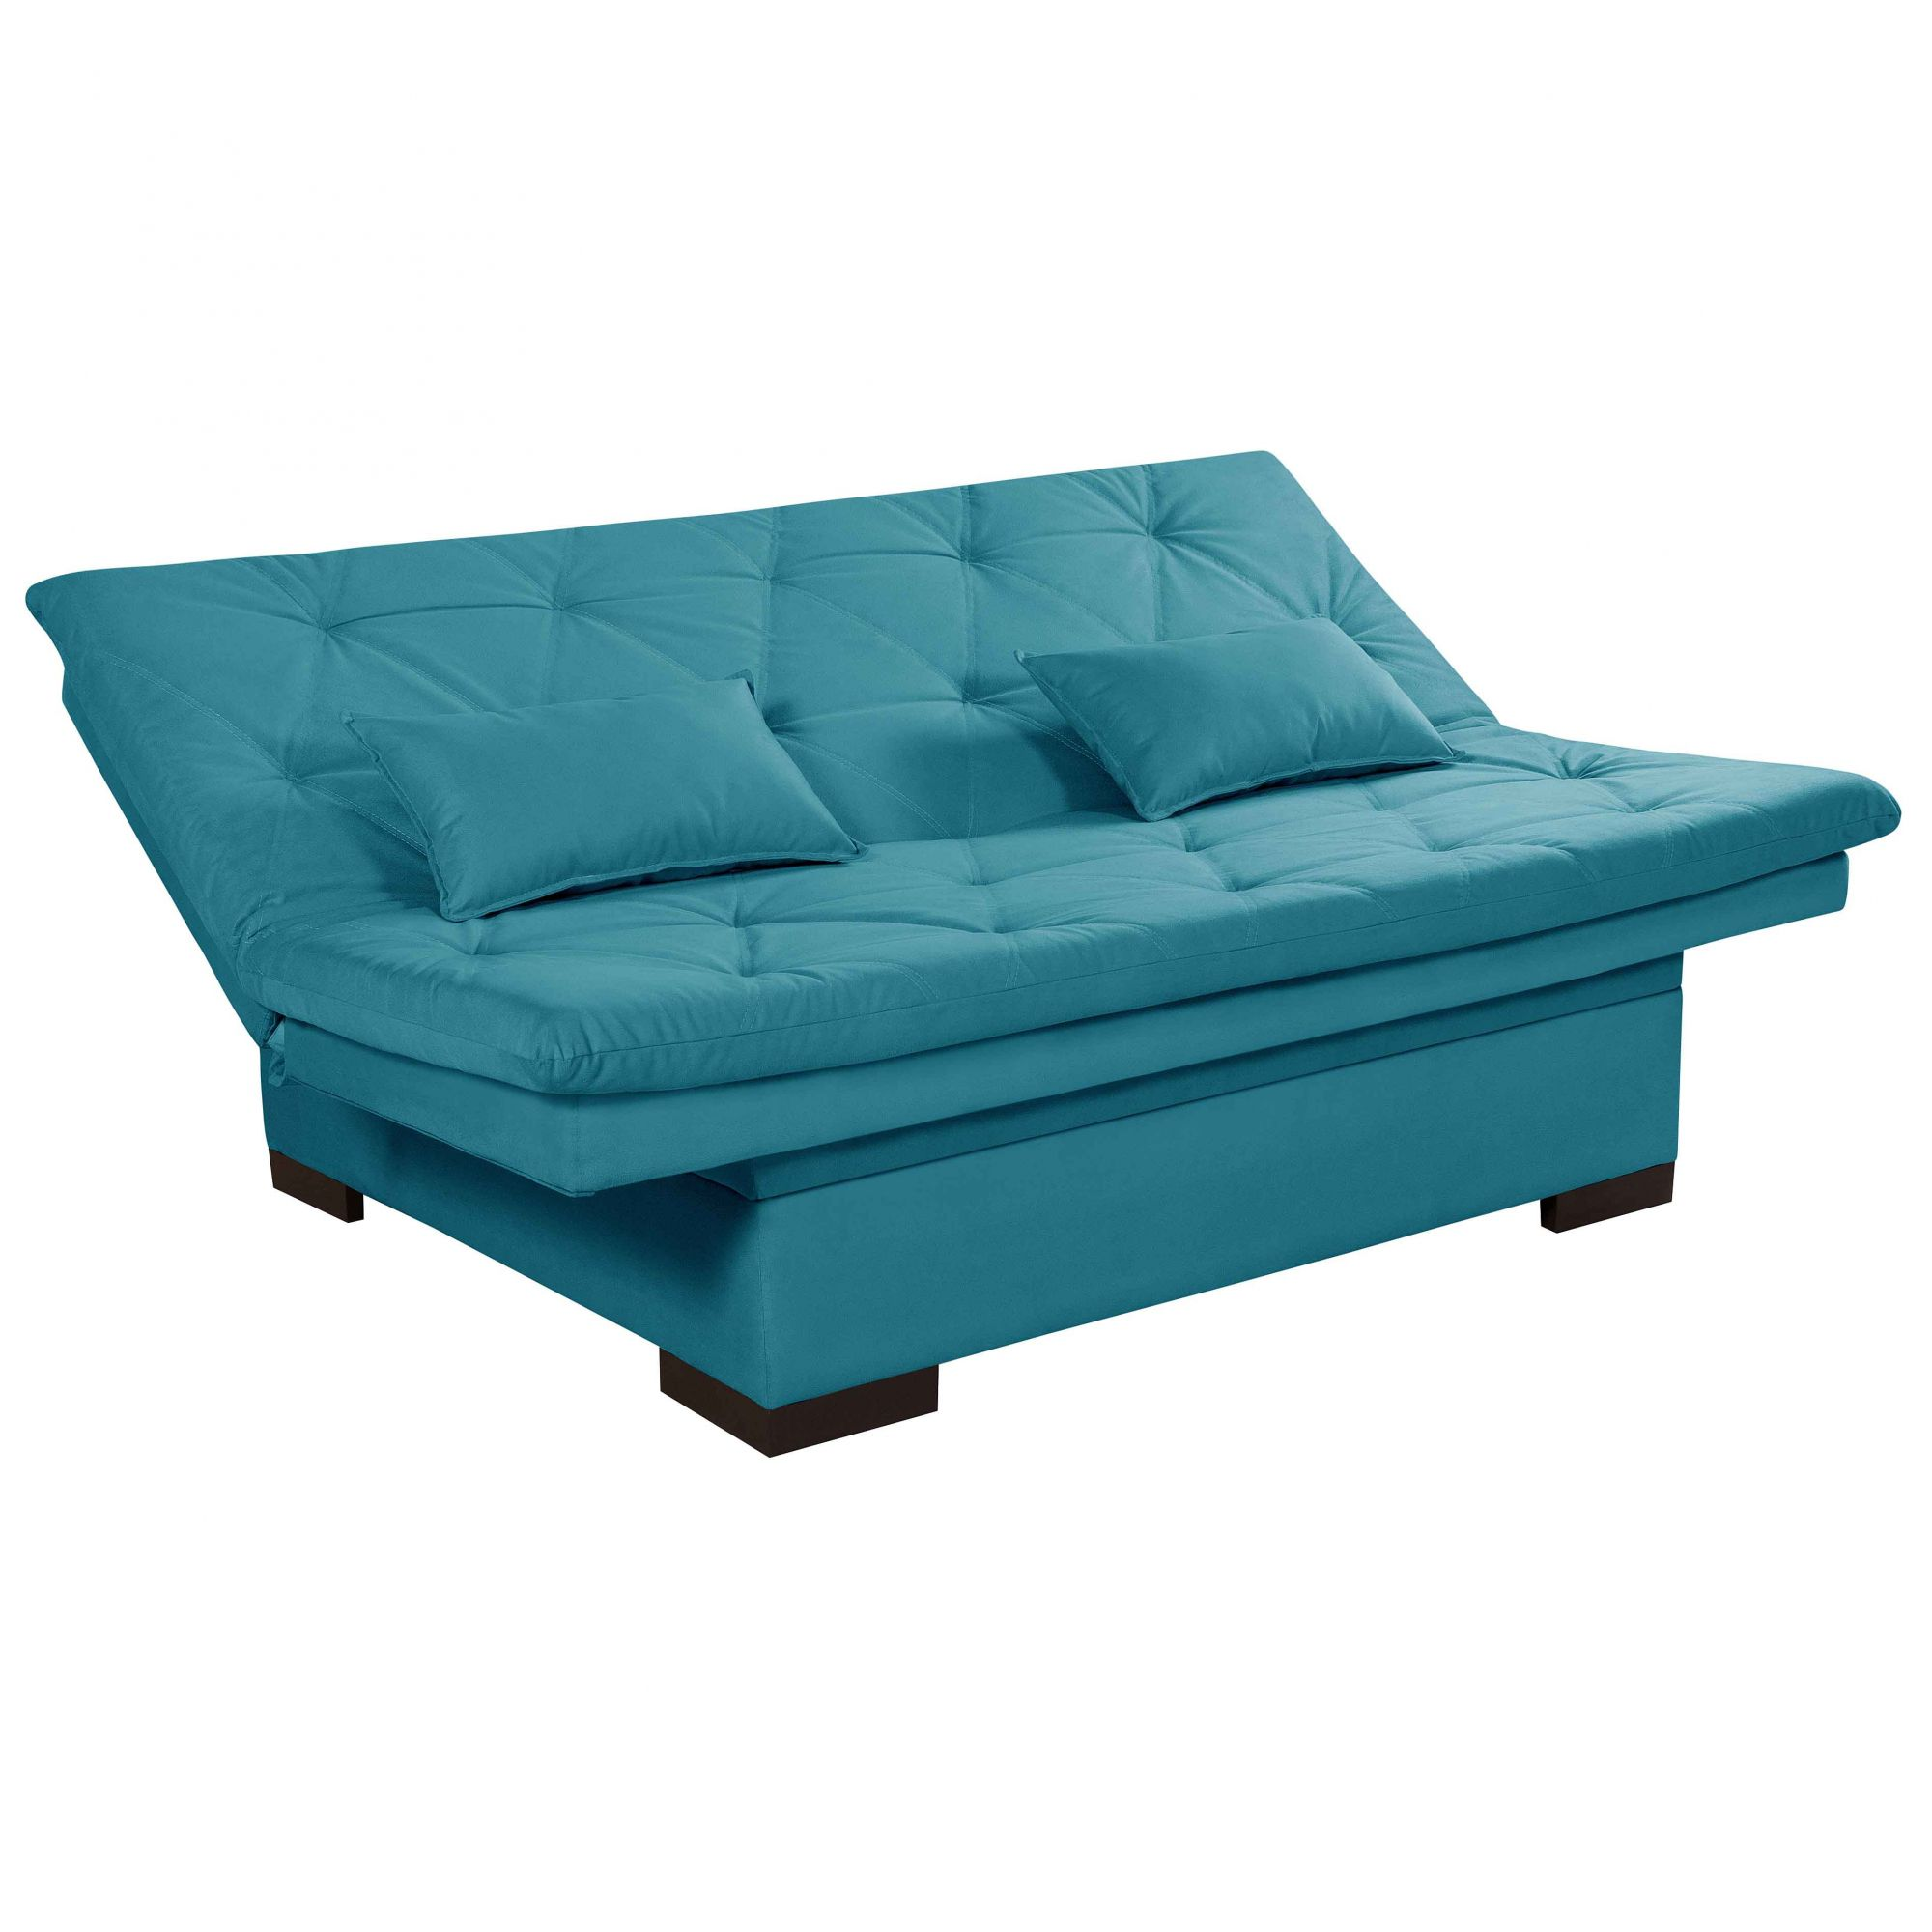 Sofá Cama 3 Lugares Reclinável com Bau Valentim Azul Turquesa